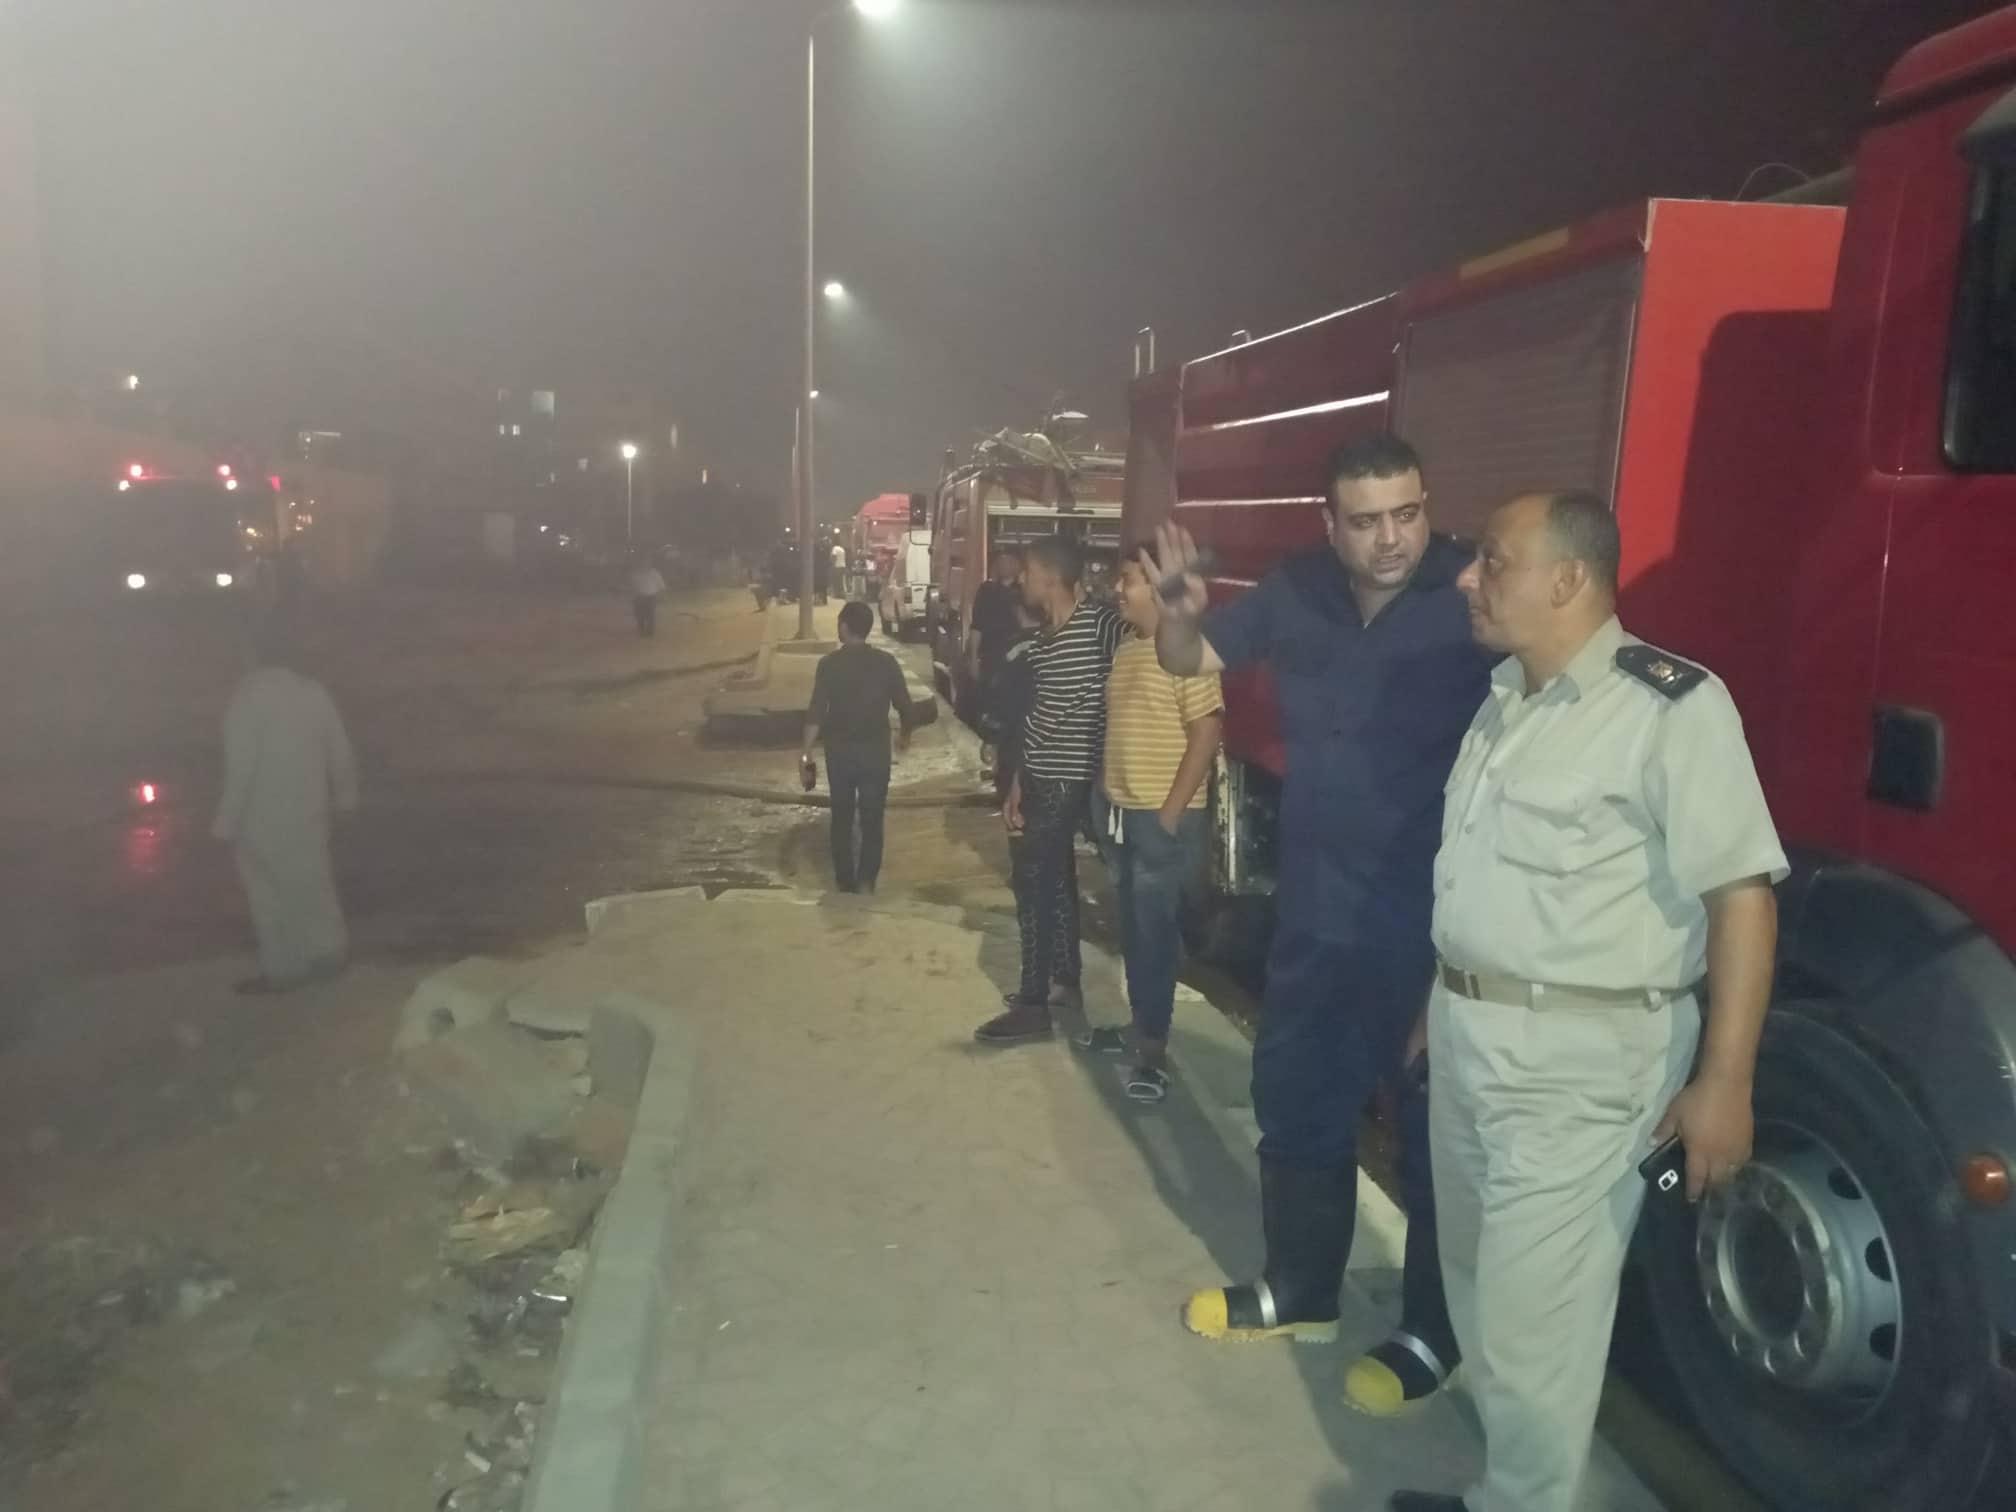 12 سيارة إطفاء للسيطرة على حريق بمصنع أدوات كهربائية بالعاشر من رمضان (2)